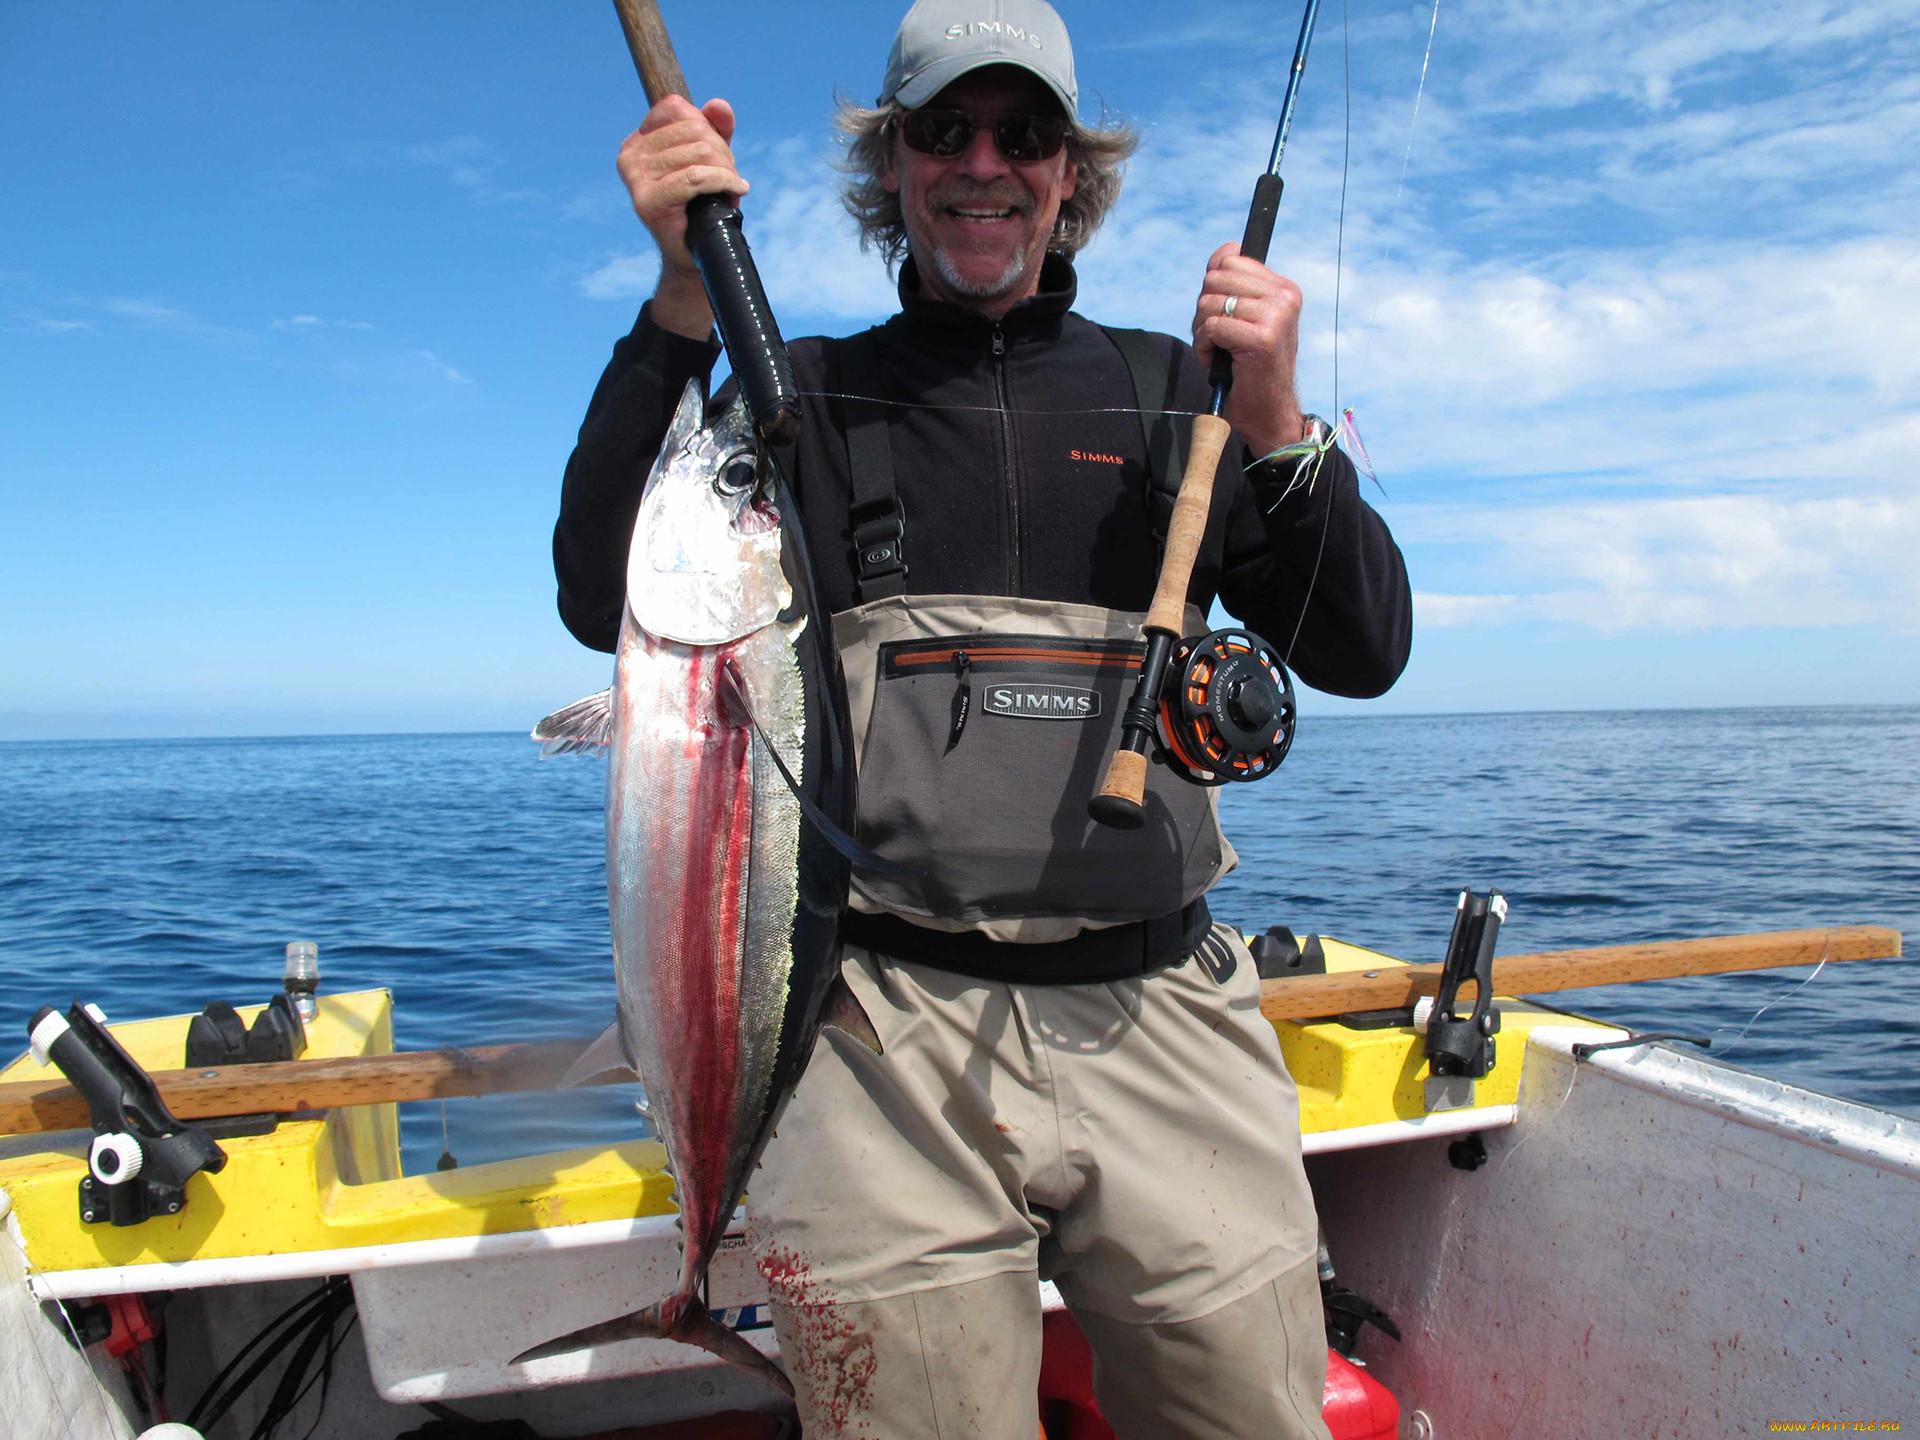 картинки разных рыбалок часто появляются публике